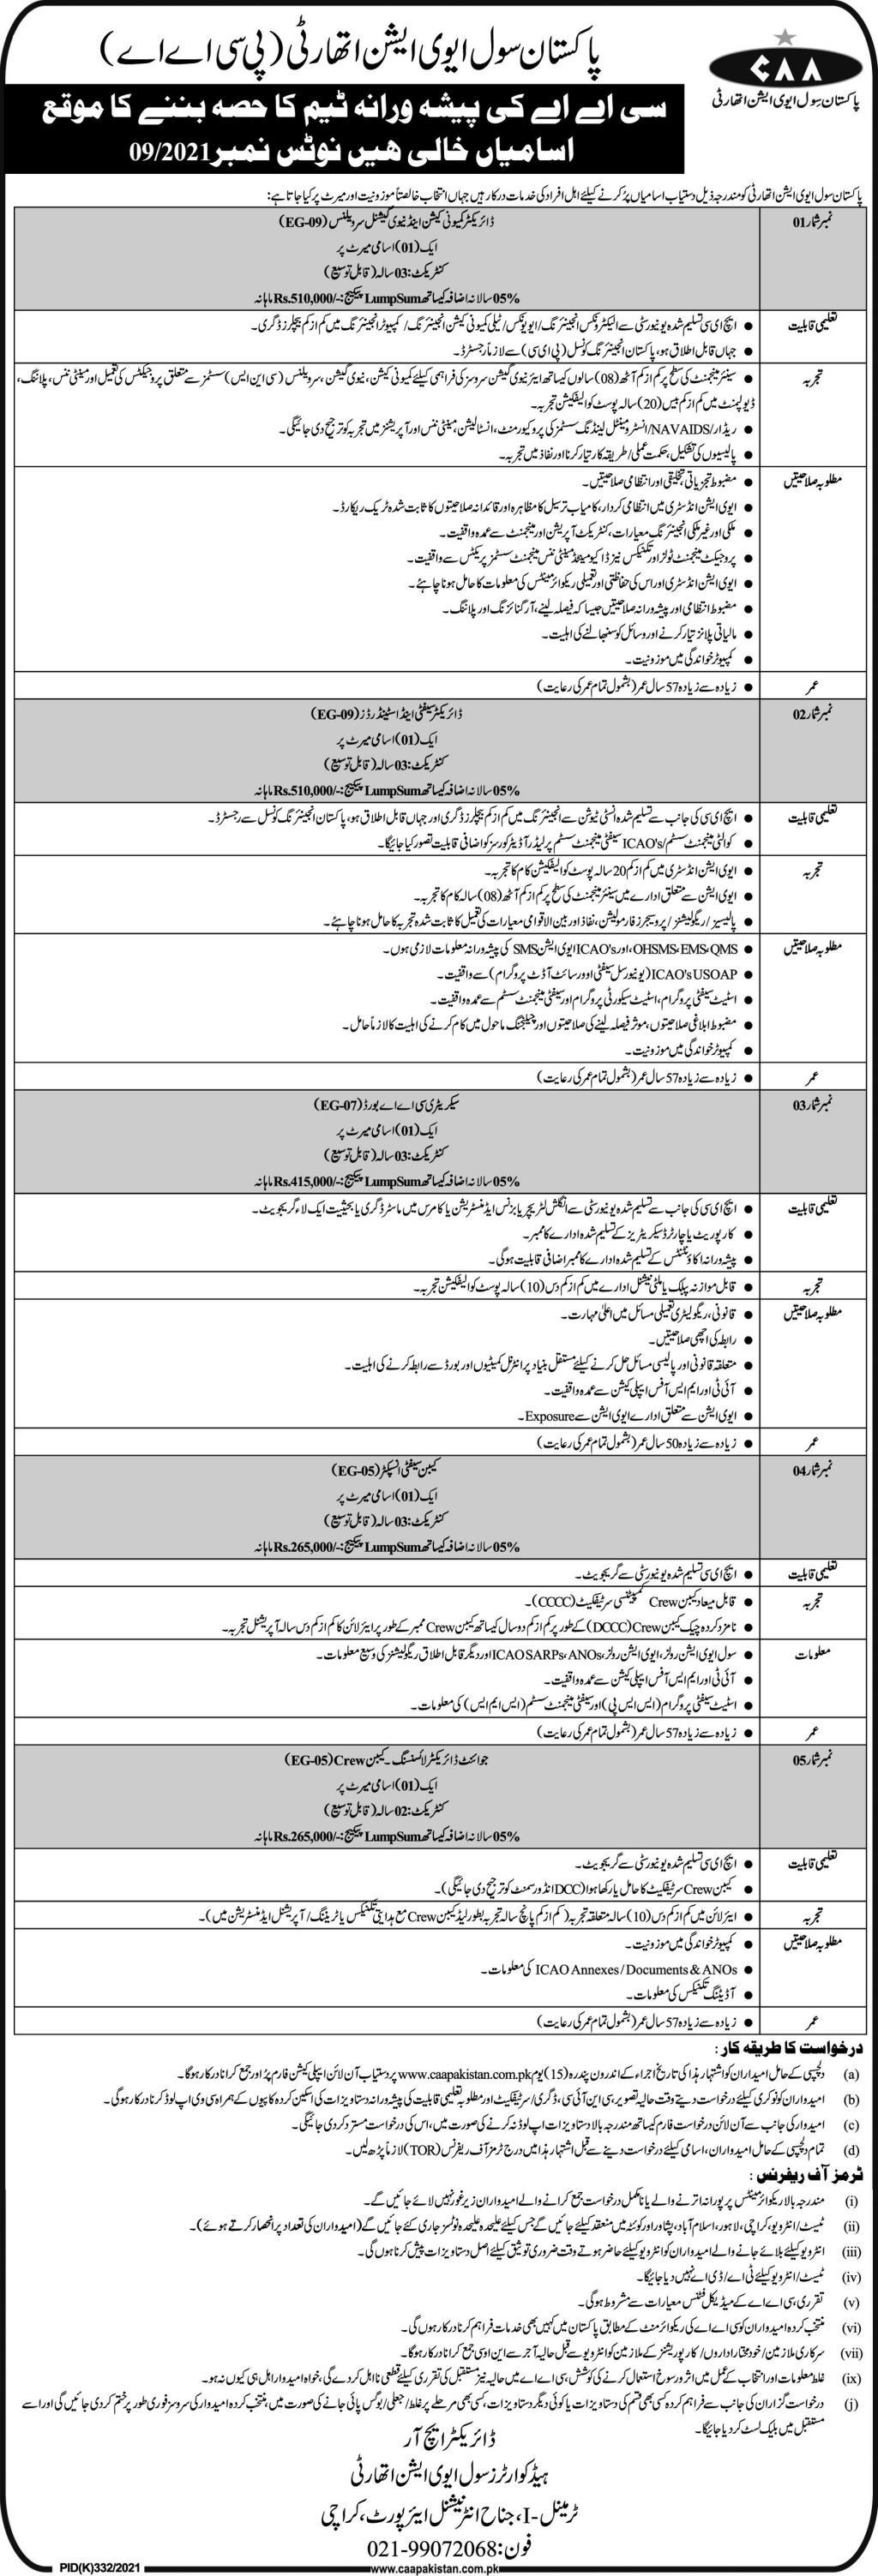 Pakistan Civil Aviation Authority PCAA Jobs August 2021